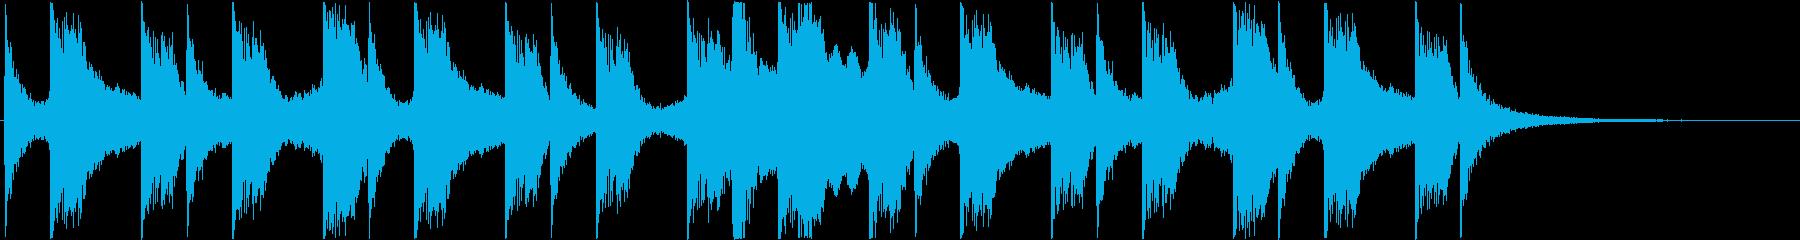 蒸し暑いイメージの再生済みの波形